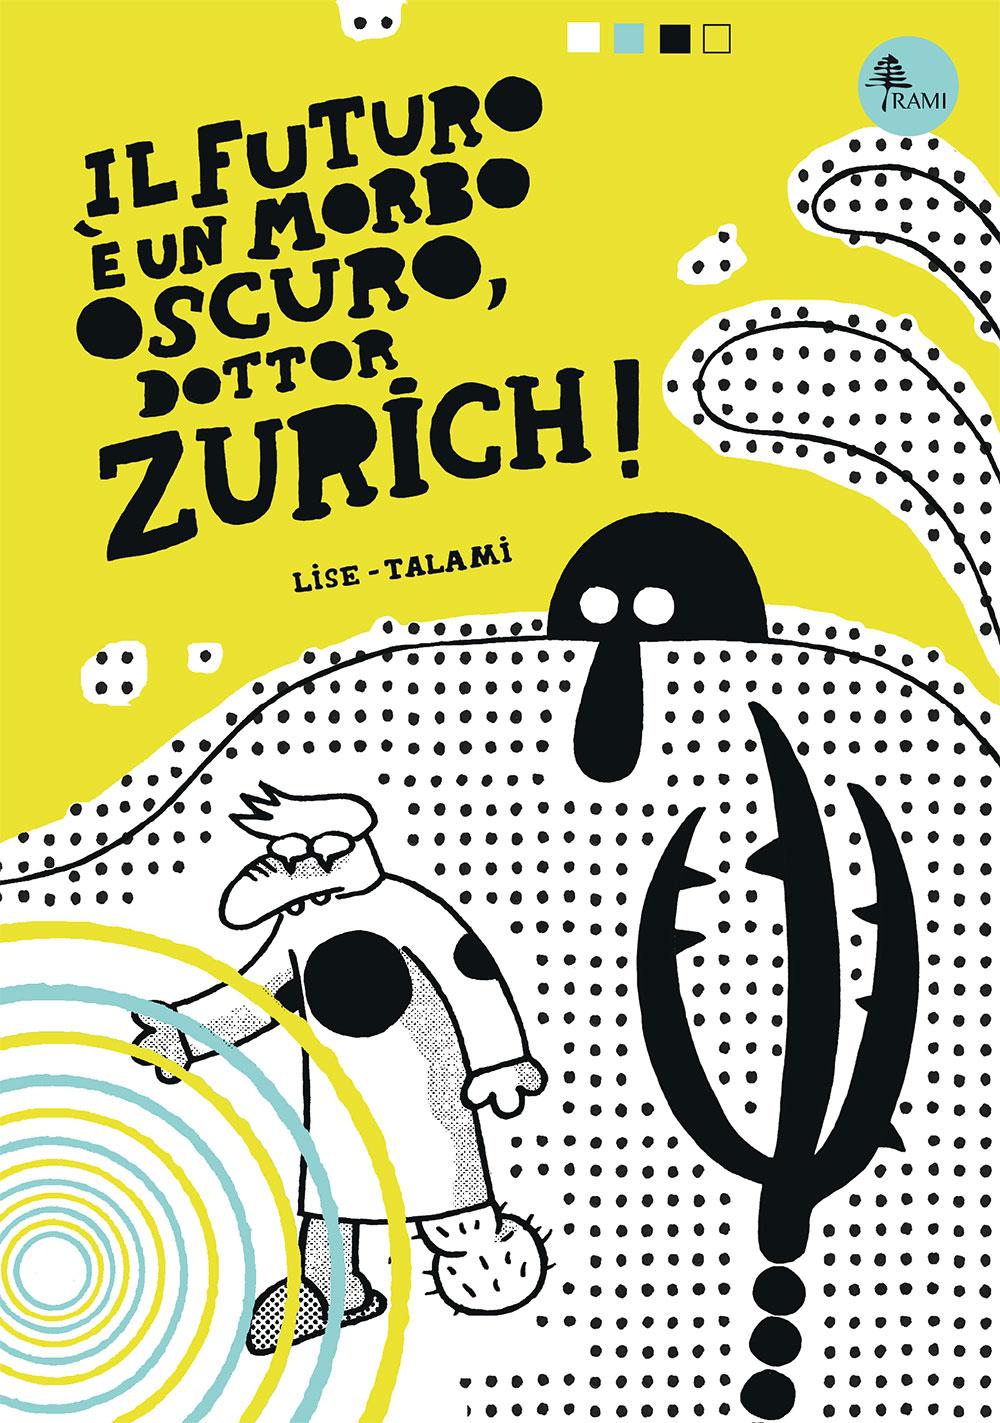 Il futuro è un morbo oscuro, dottor Zurich!